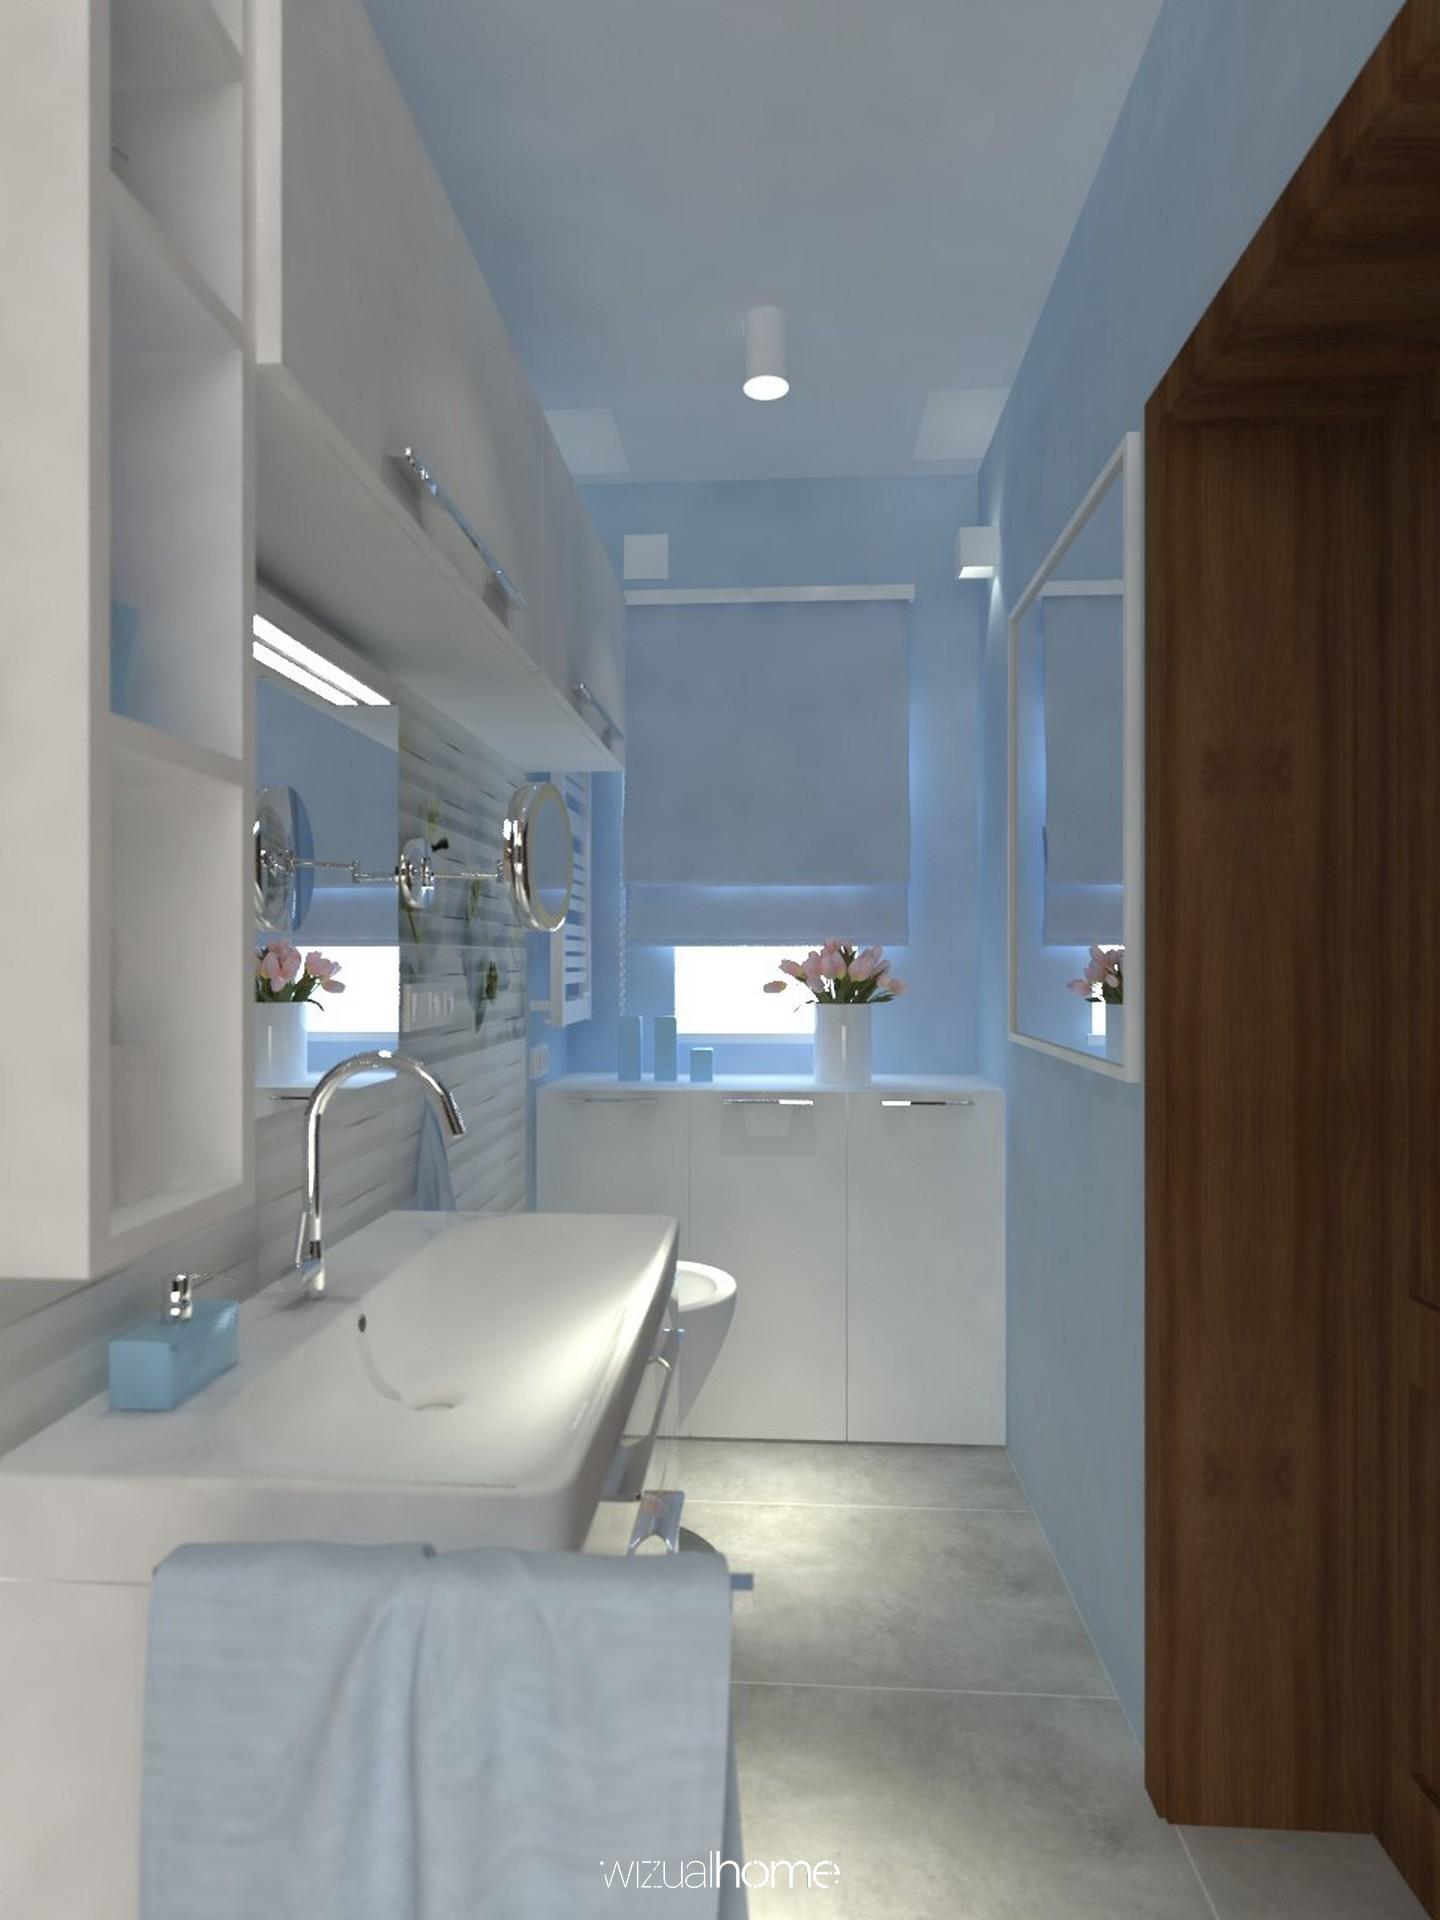 Projekt łazienki w kolorze niebieskim w domku jednorodzinnym.